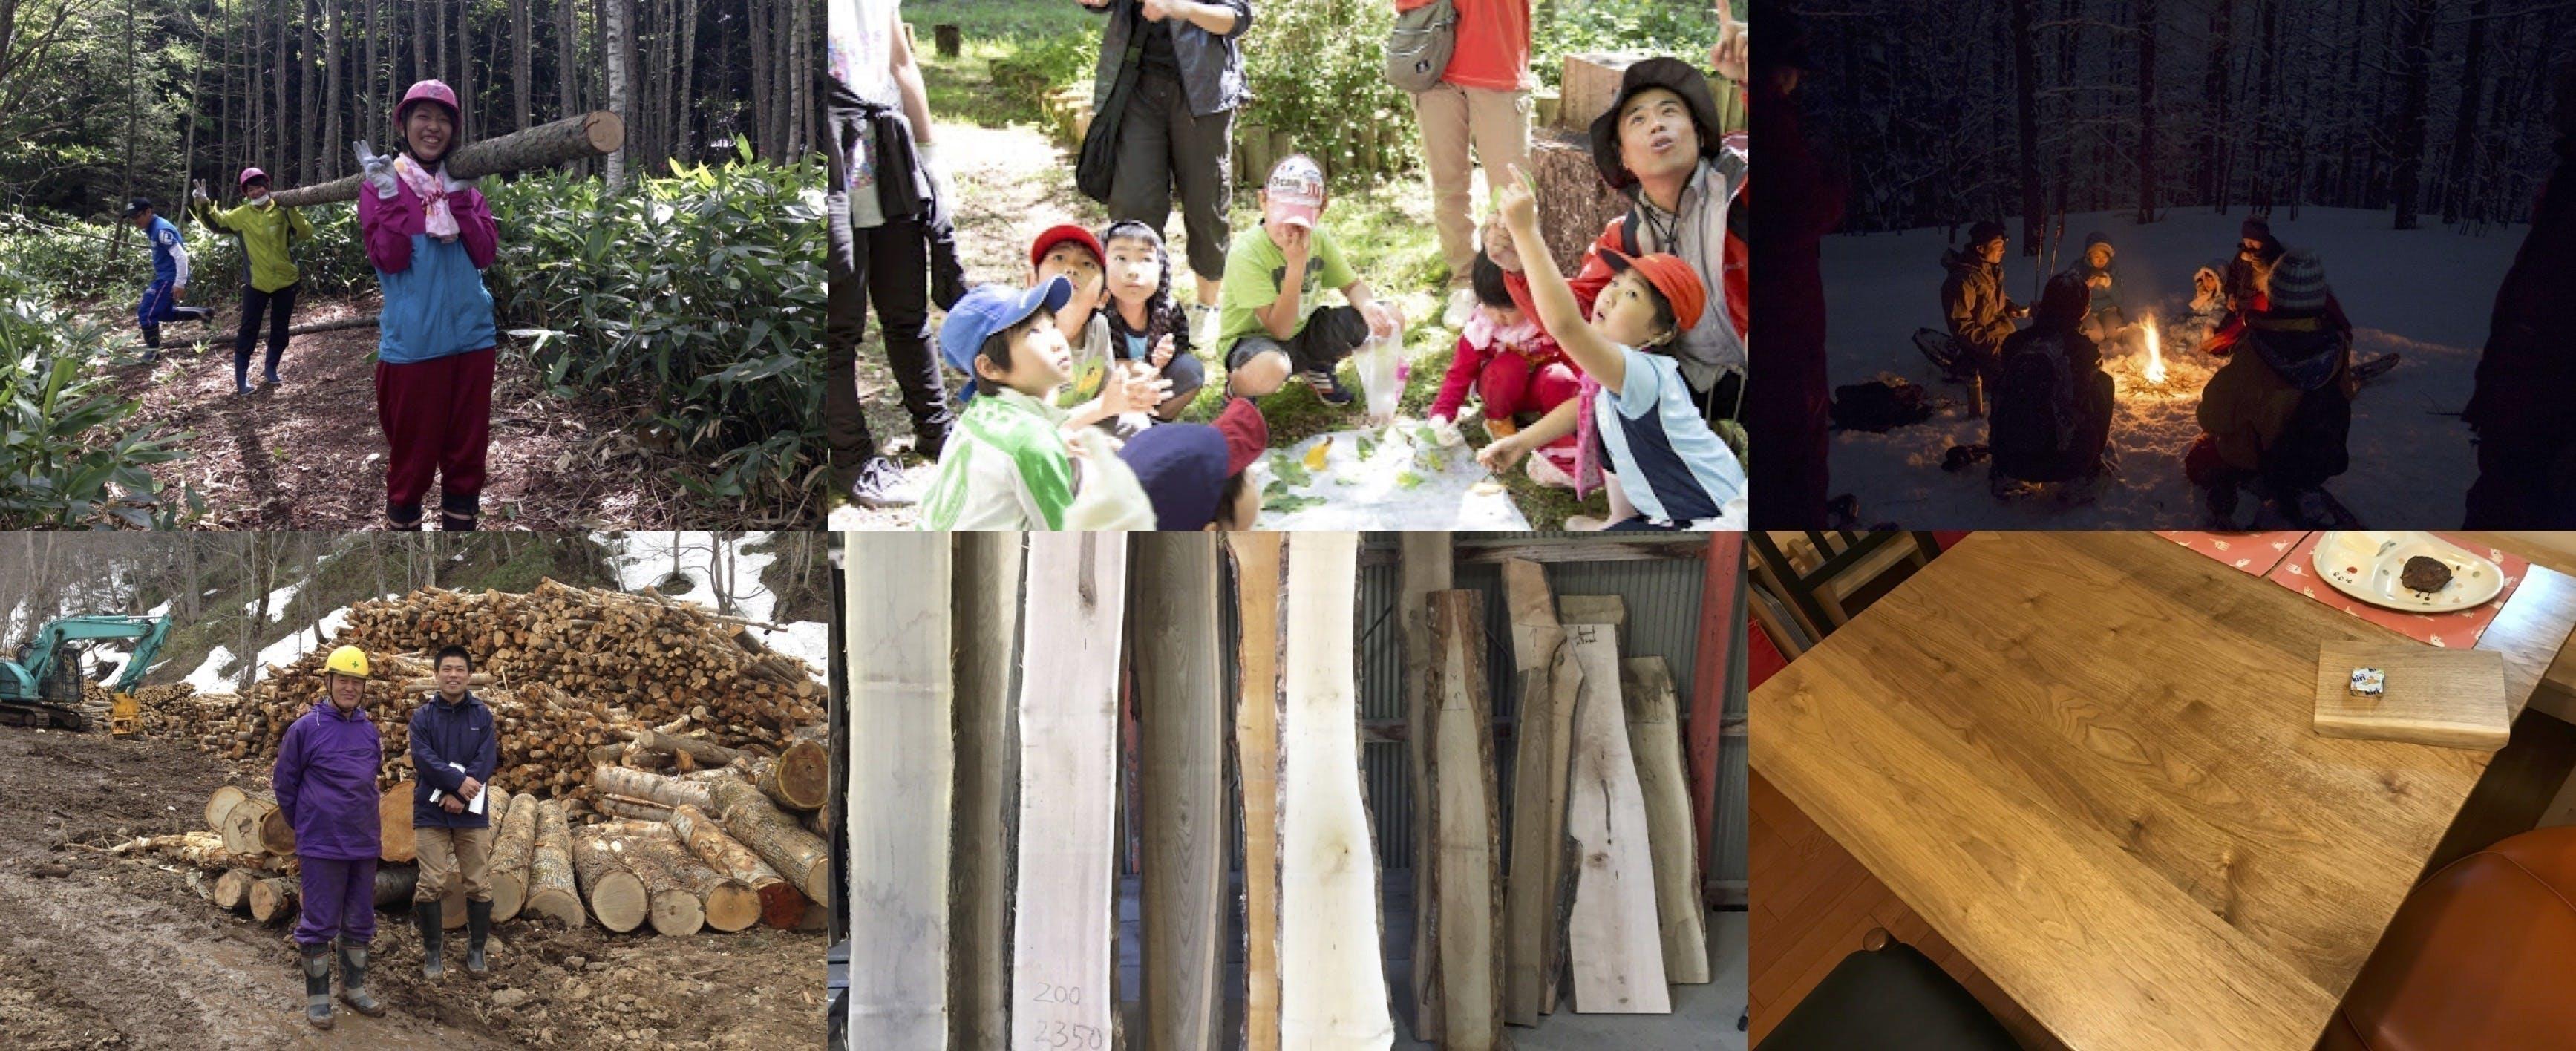 北海道・下川町で、森と木をいかして楽しい地域をつくる仲間を募集!